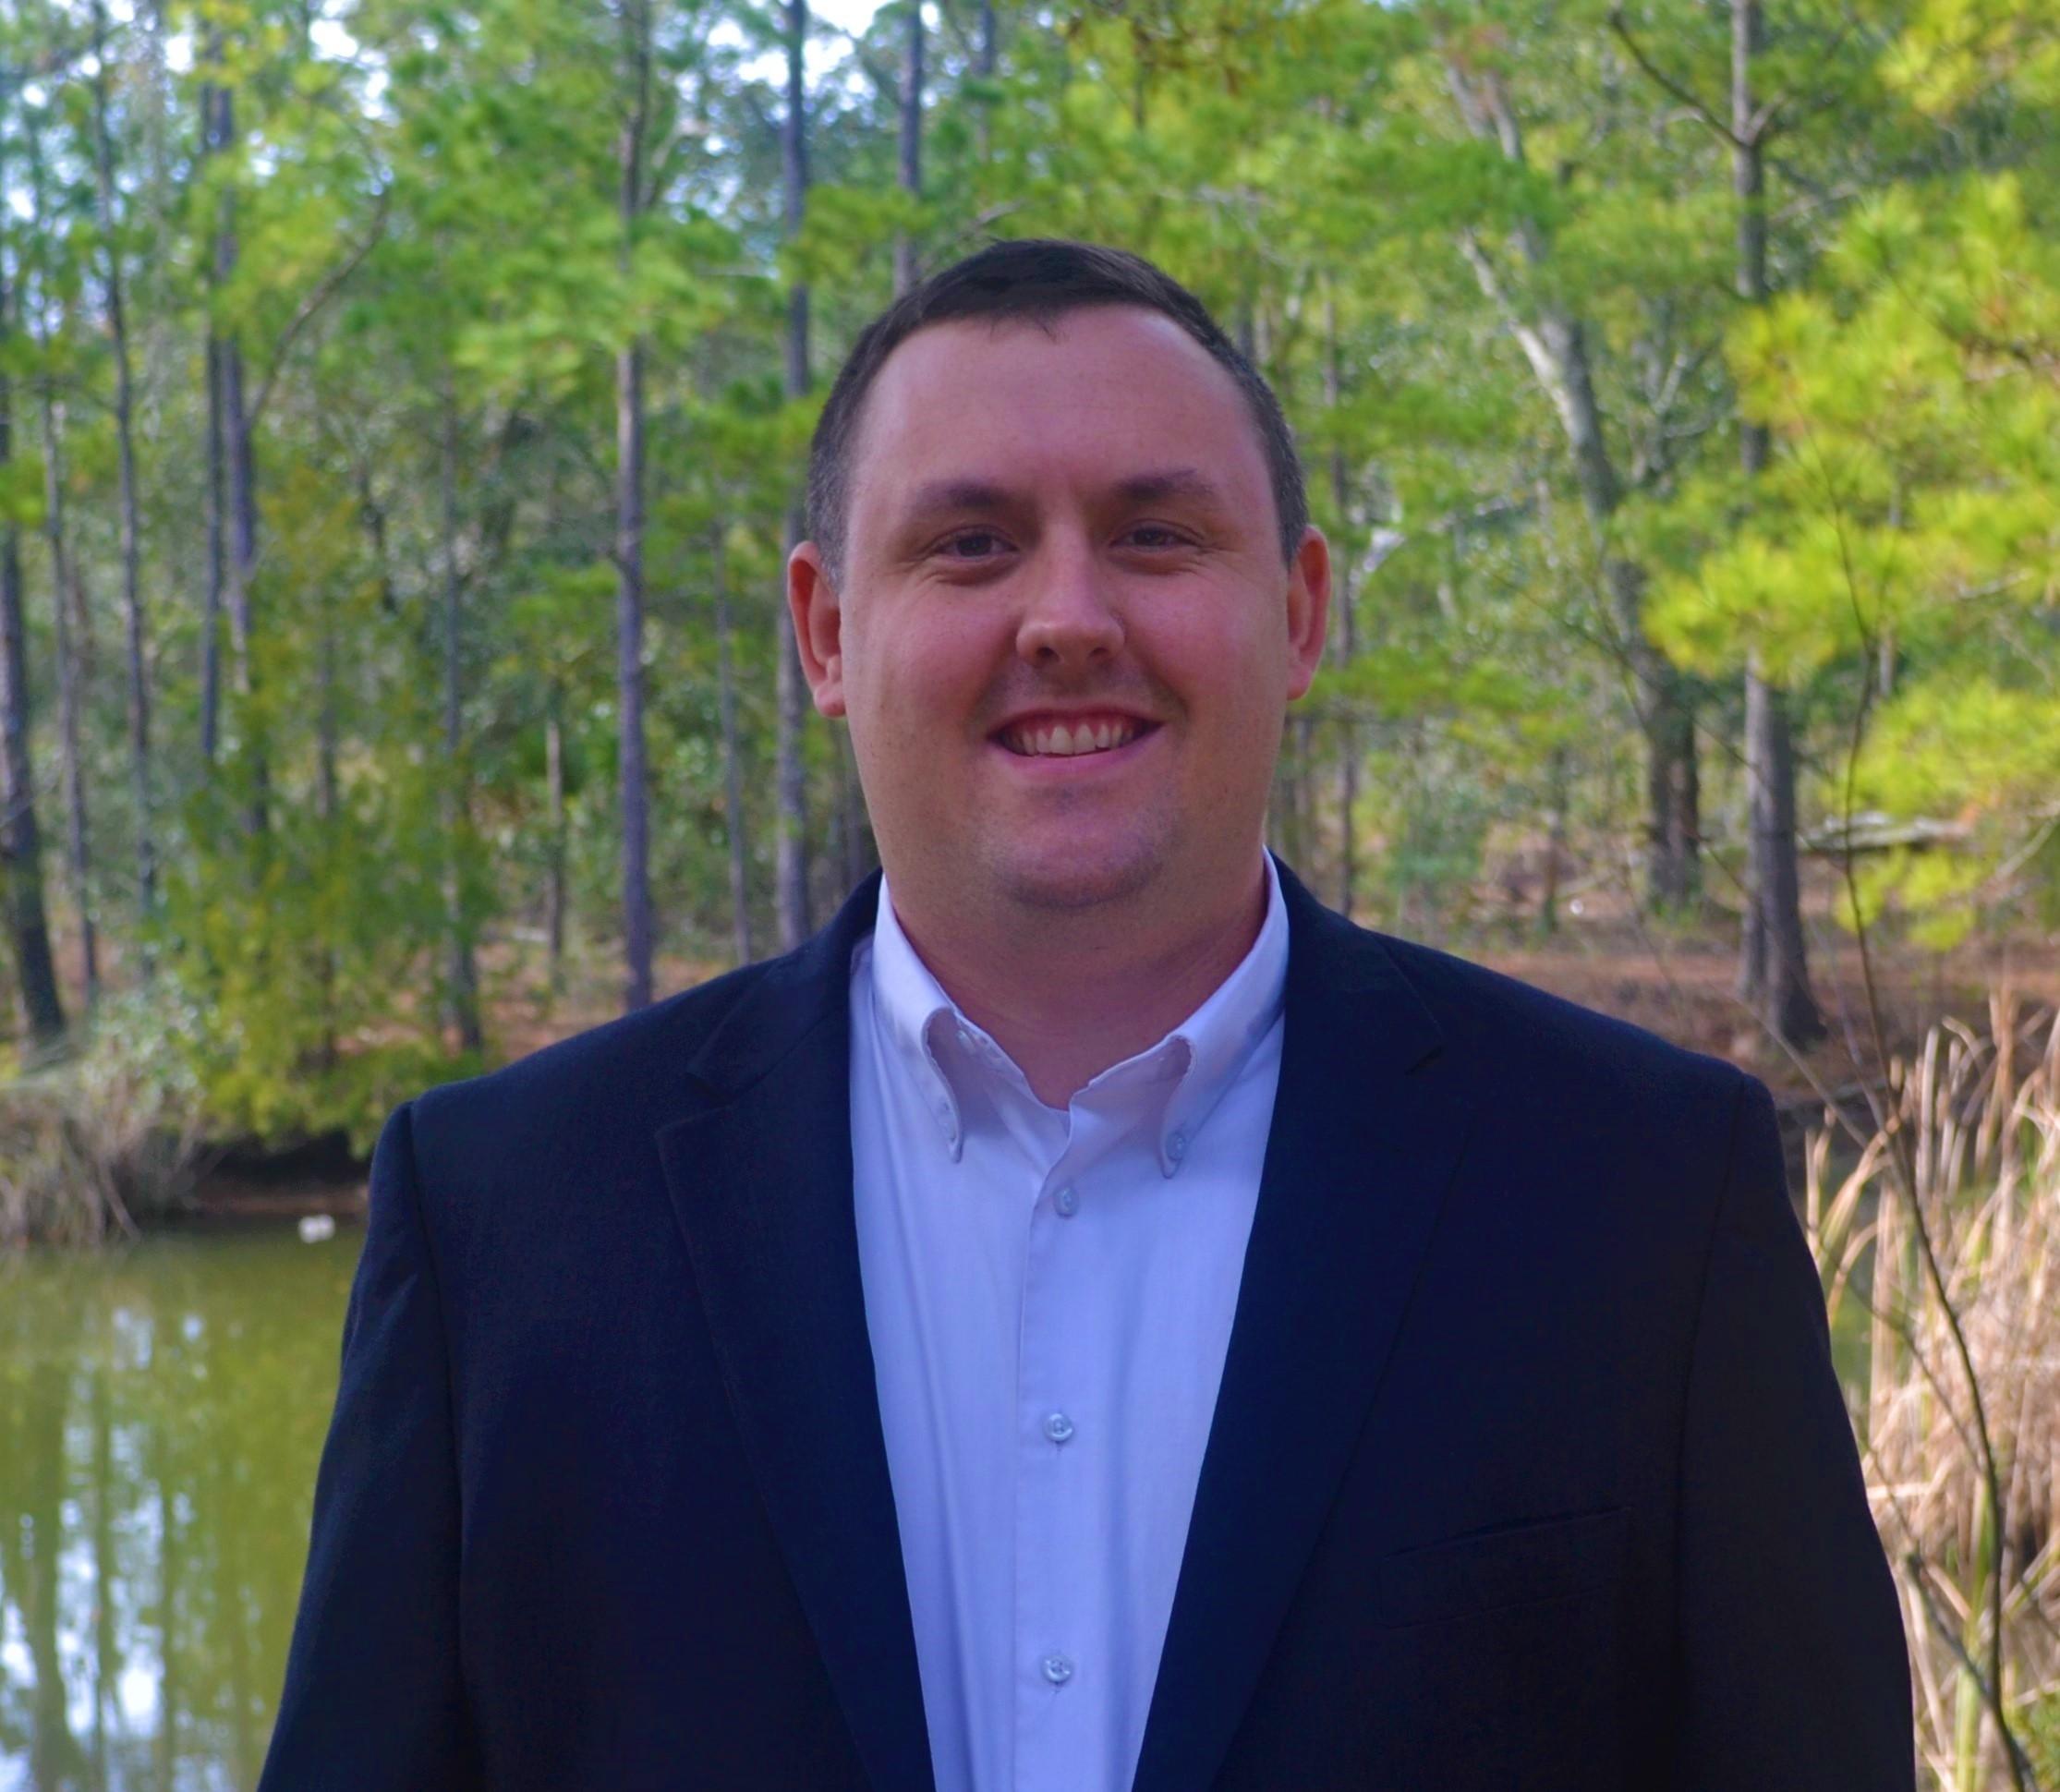 James Palmer, Associate Financial Advisor at Runey & Associates Wealth Management.